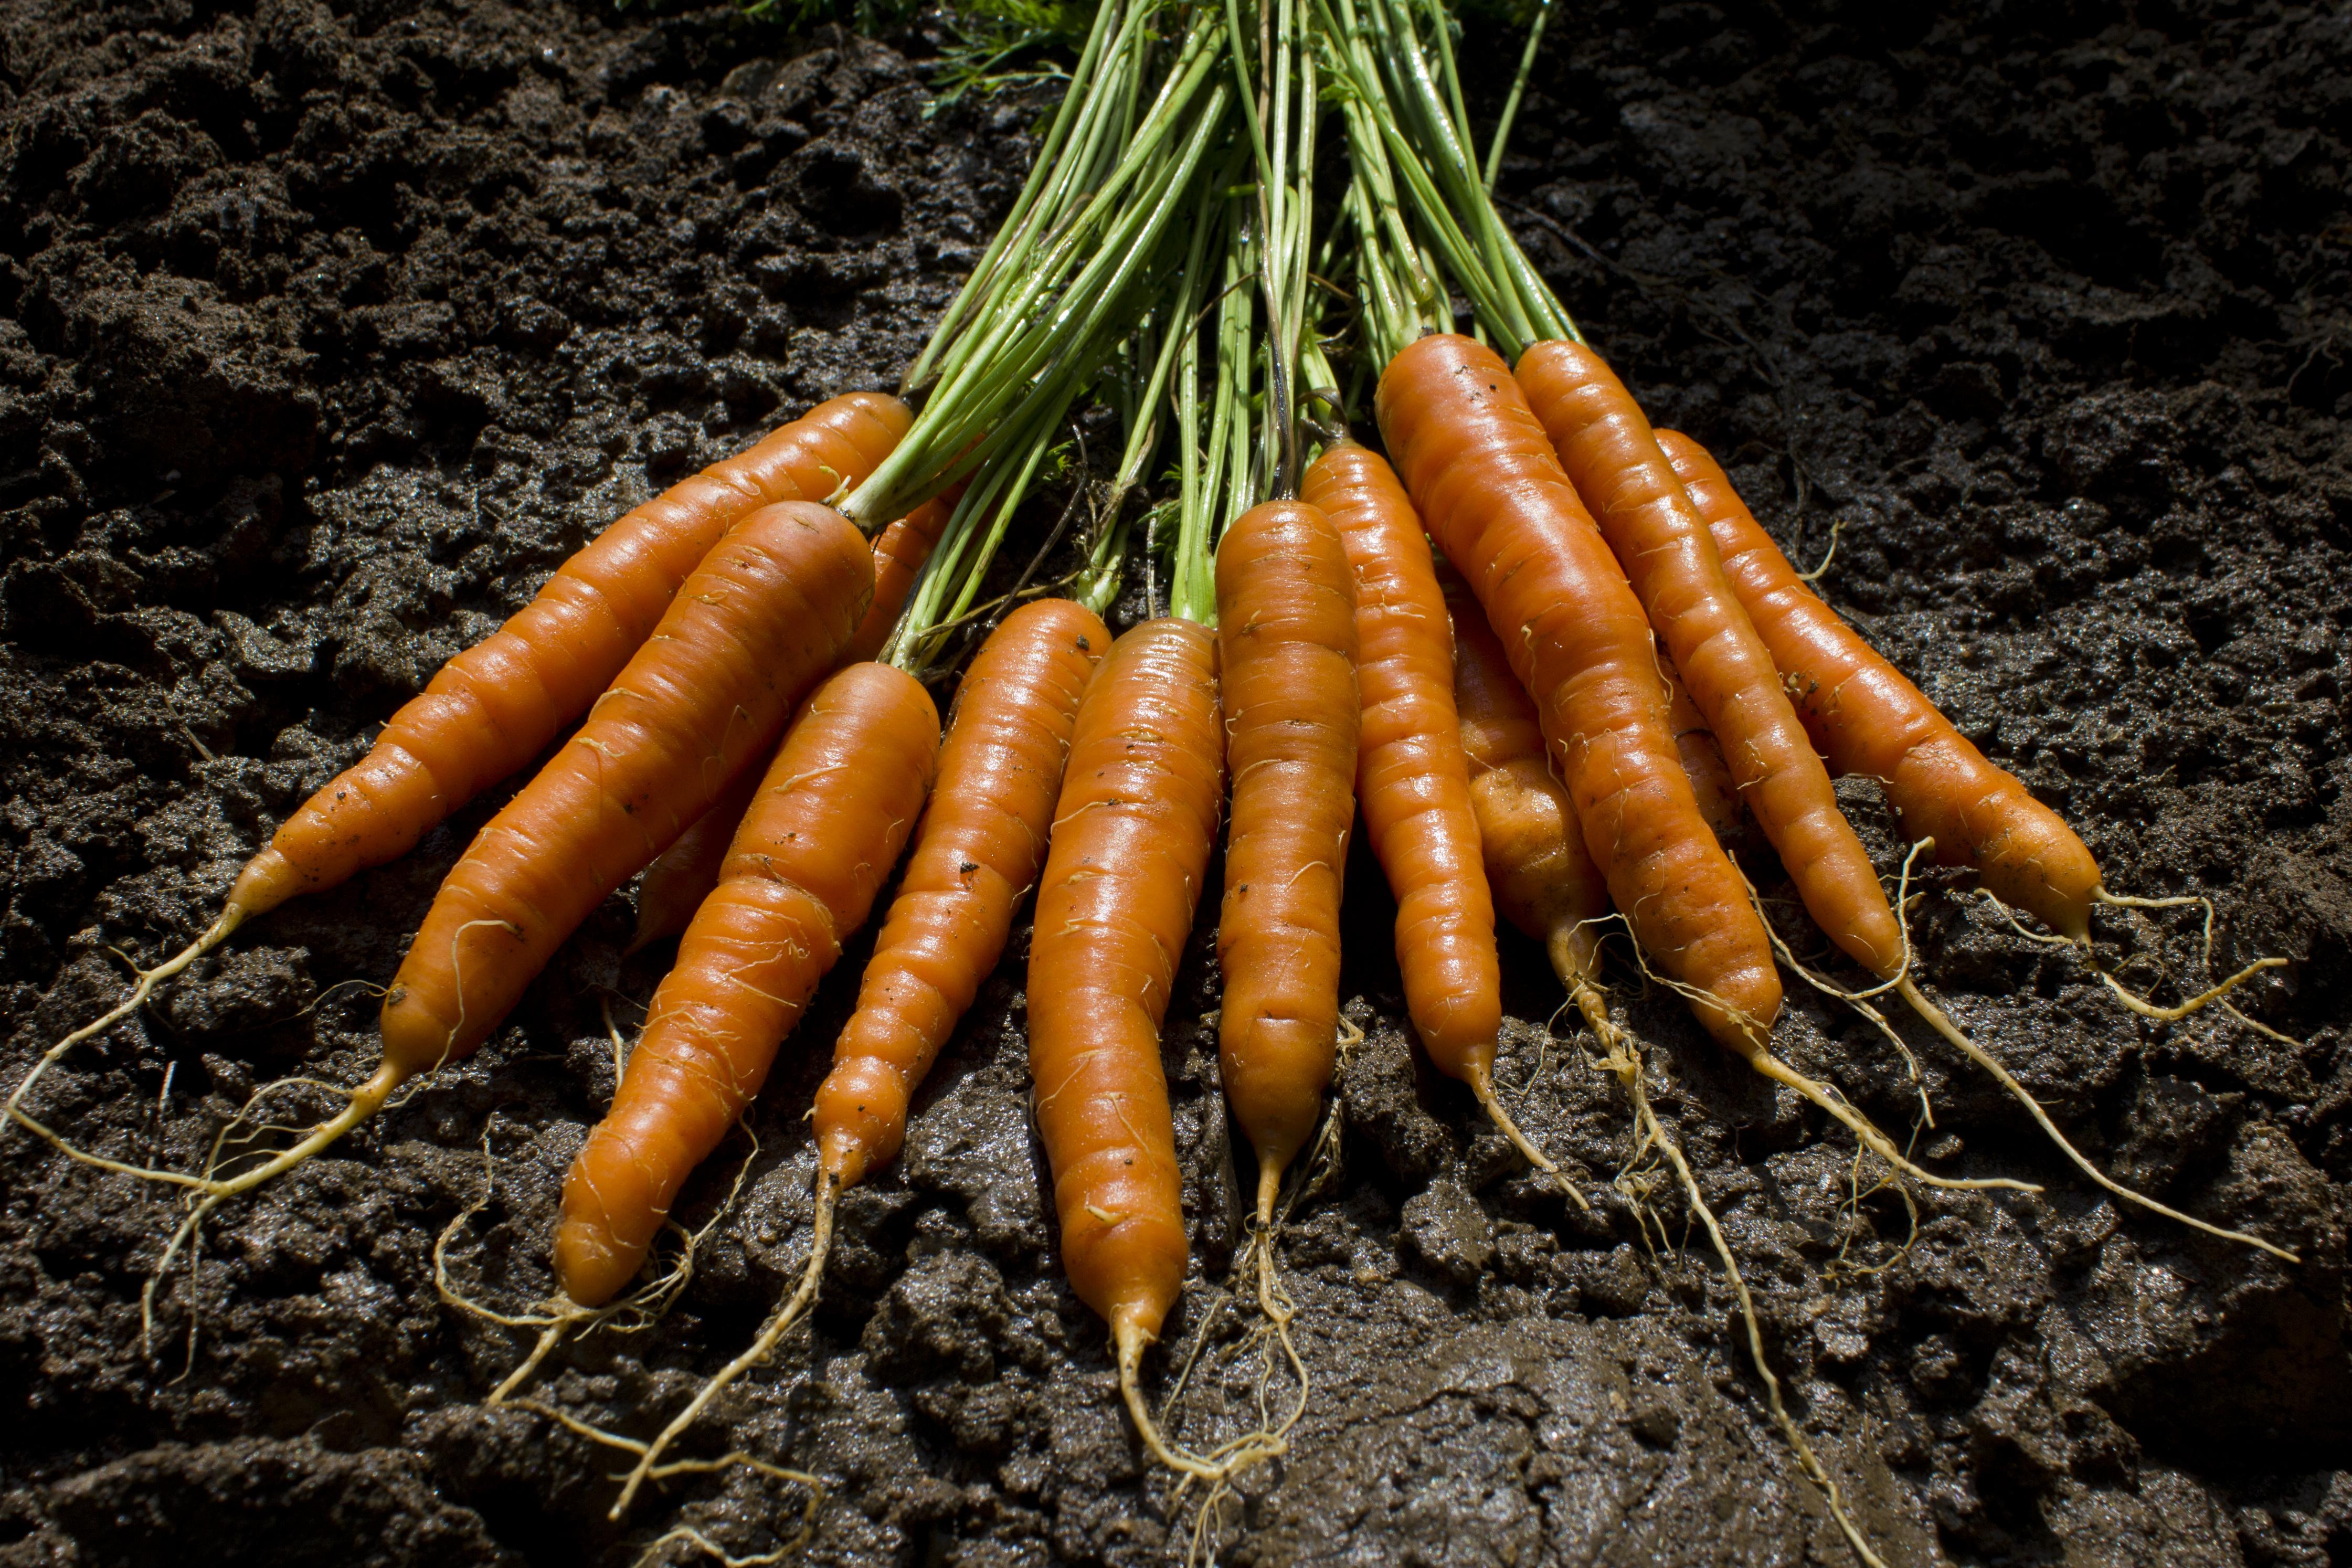 El Genoma De La Zanahoria Revela El Secreto De Su Color Según datos de wikipedia, la tarta de zanahoria es un pastel dulce de textura densa y suave cuya ¿aún no pruebas esta deliciosa tarta de zanahoria? agencia sinc